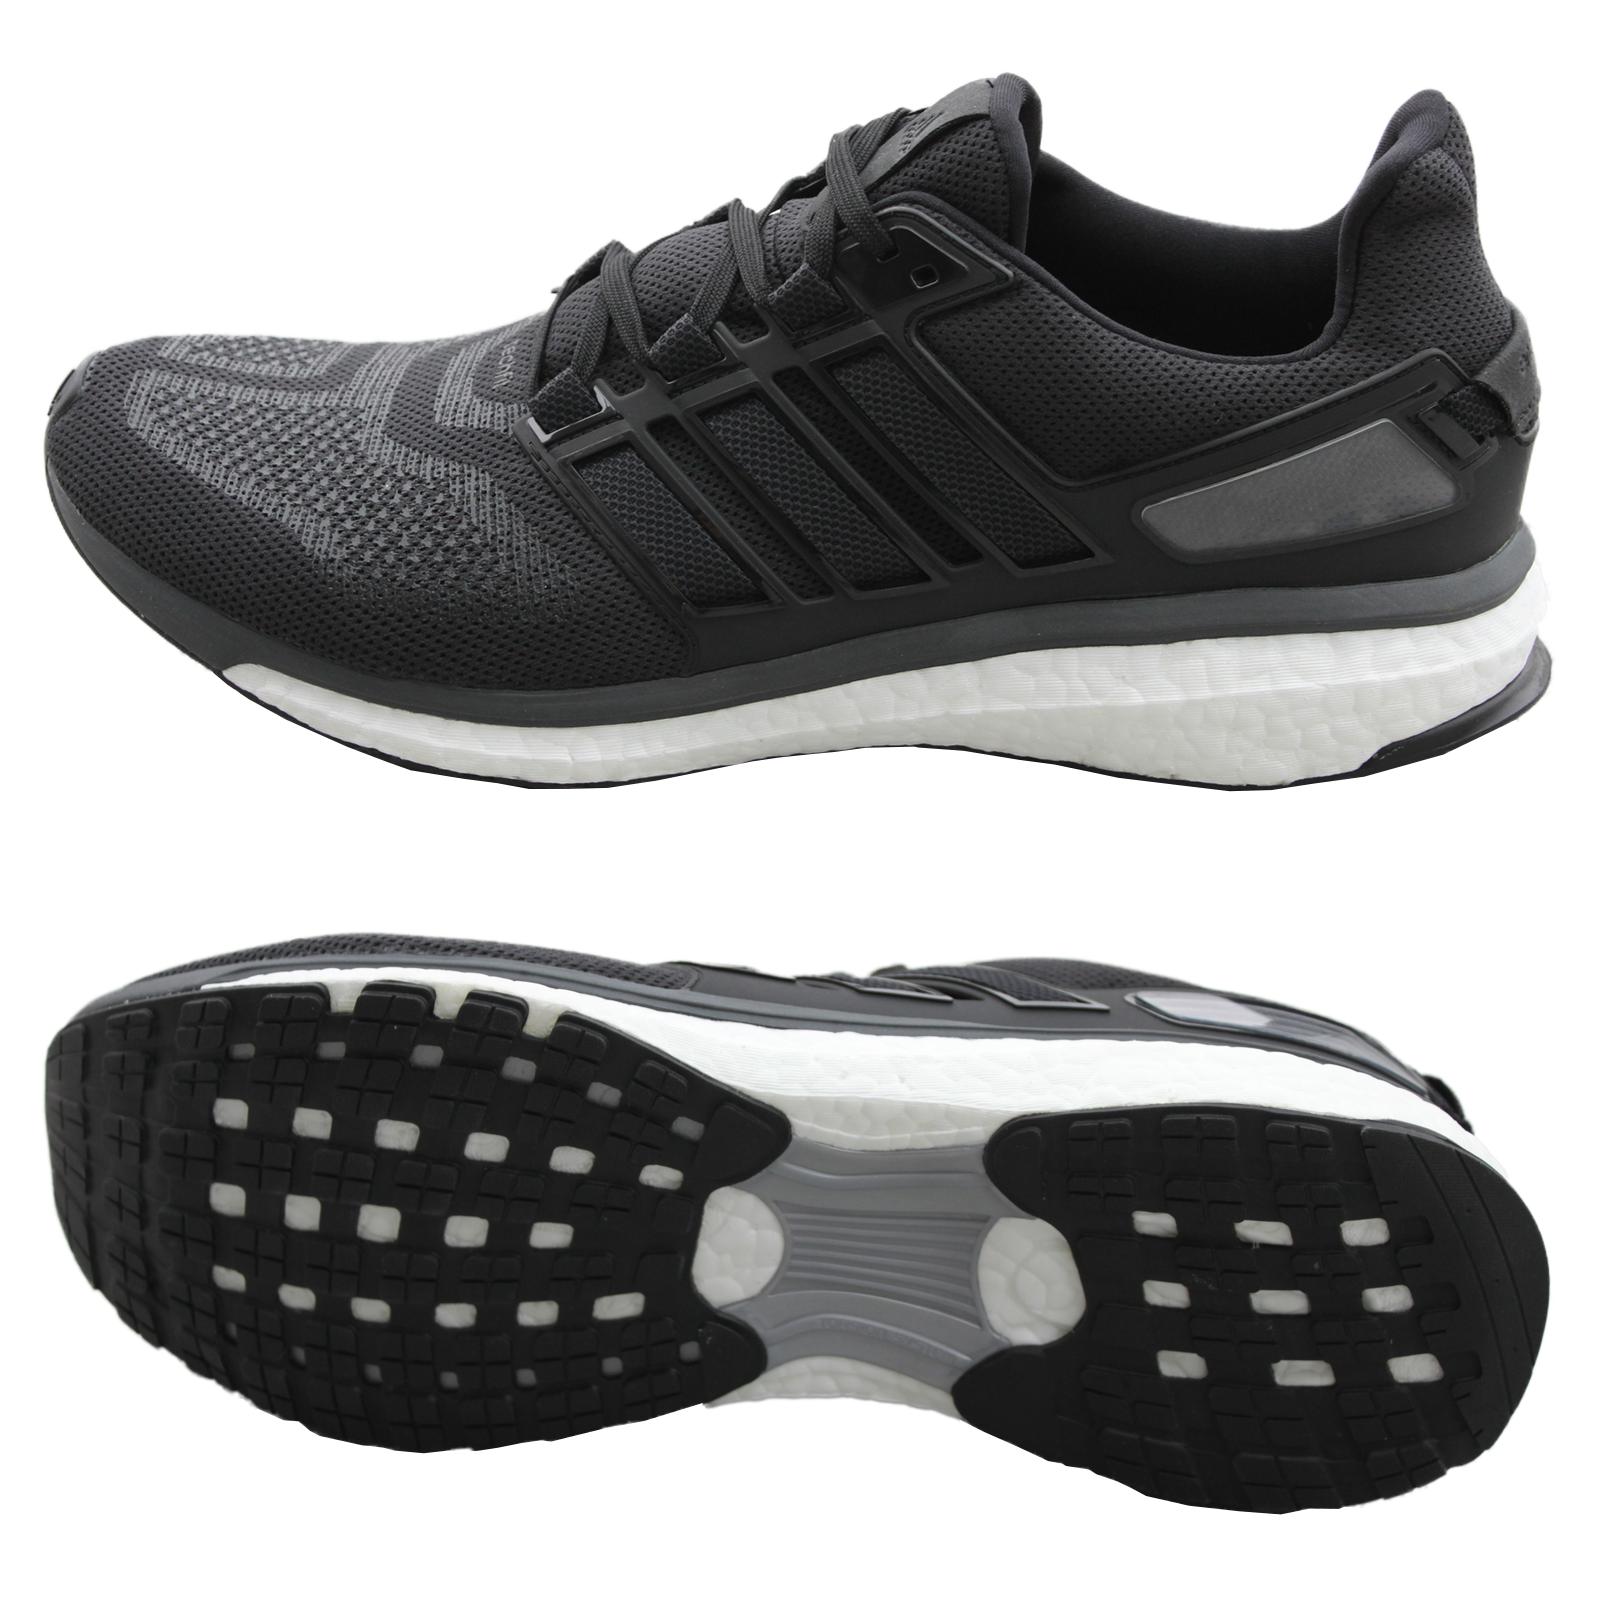 new concept 7f6c4 64e94 Details about Adidas Energy Boost 3 Laufschuhe AQ1865 Herren Running Schuhe